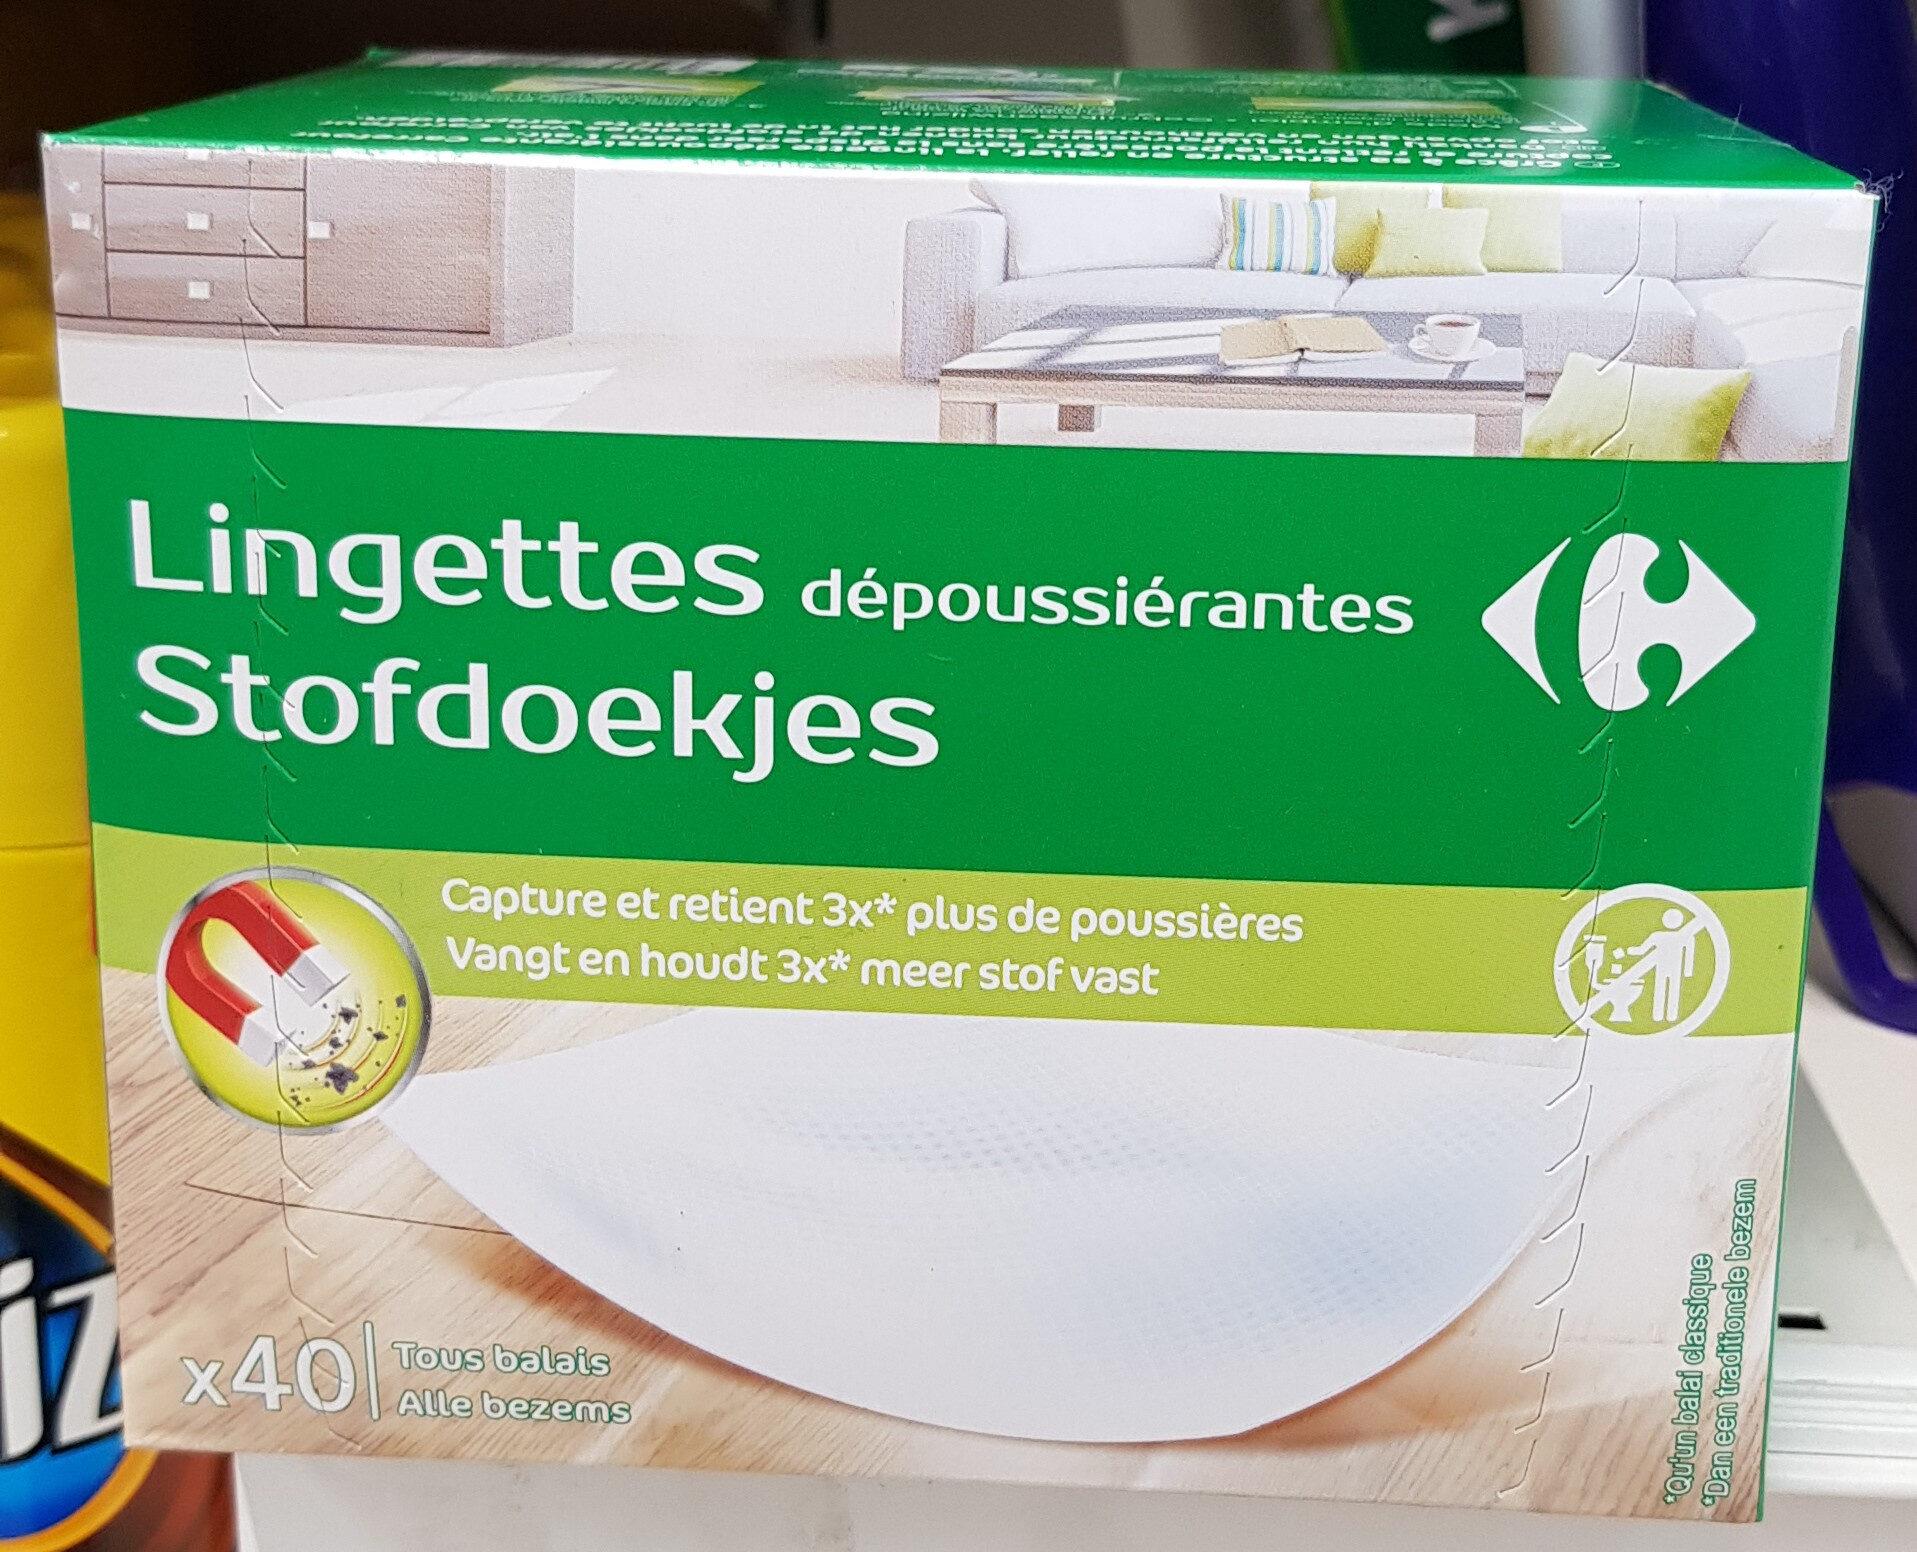 Lingettes depoussierante X40 carrefour - Product - fr